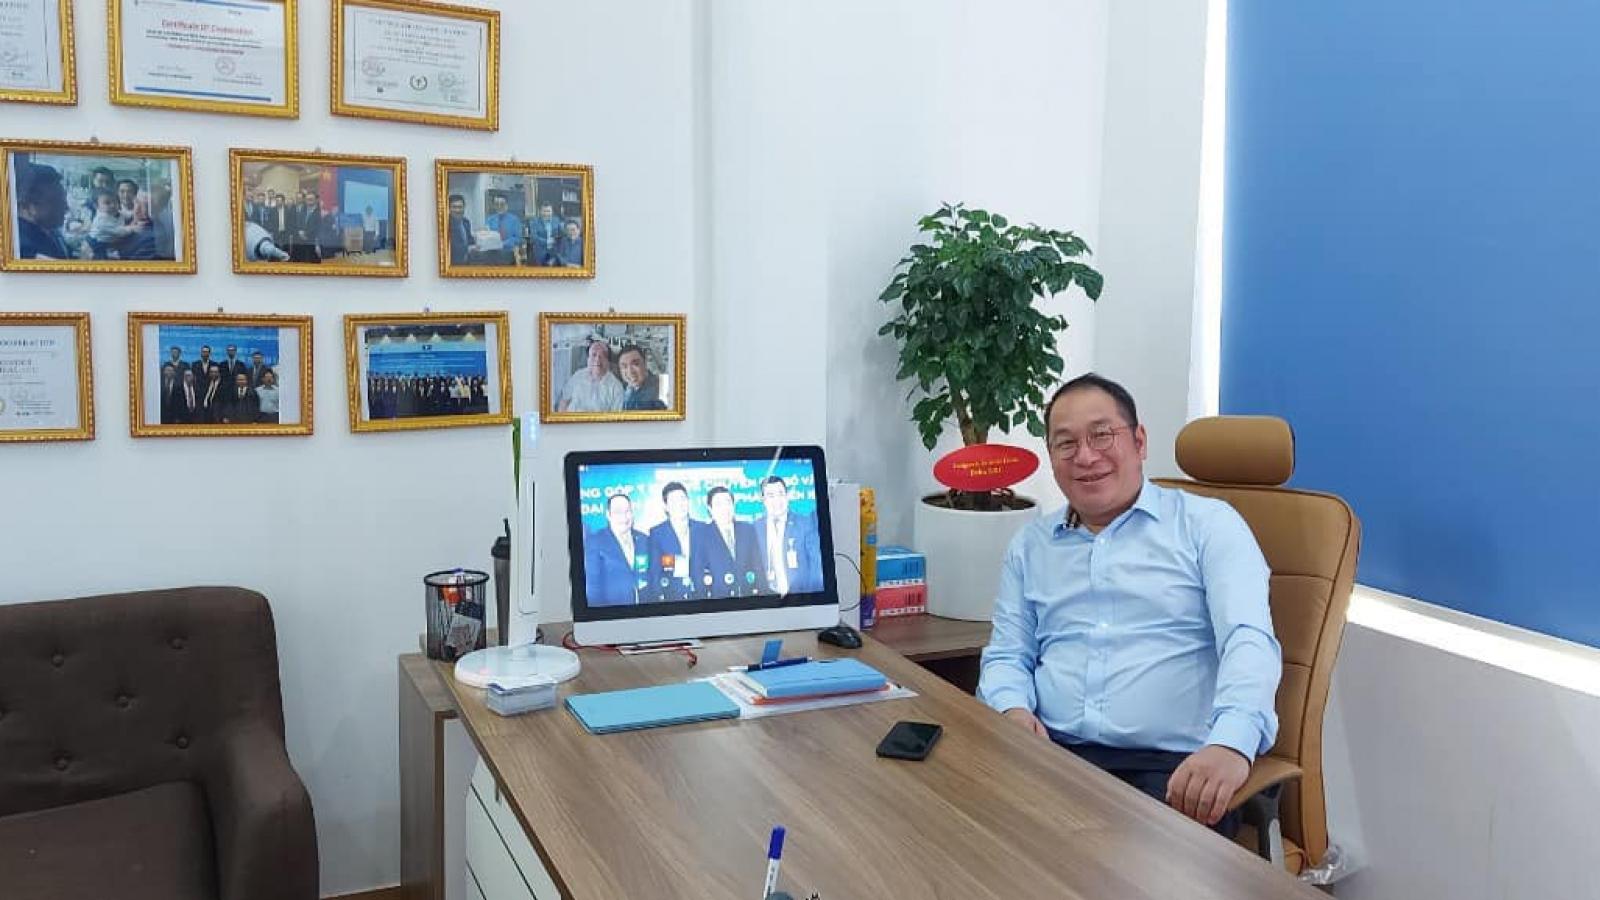 Mr. Steve Bùi: Năm 2020 tôi được trải nghiệm và hiểu hơn về văn hóa Việt Nam